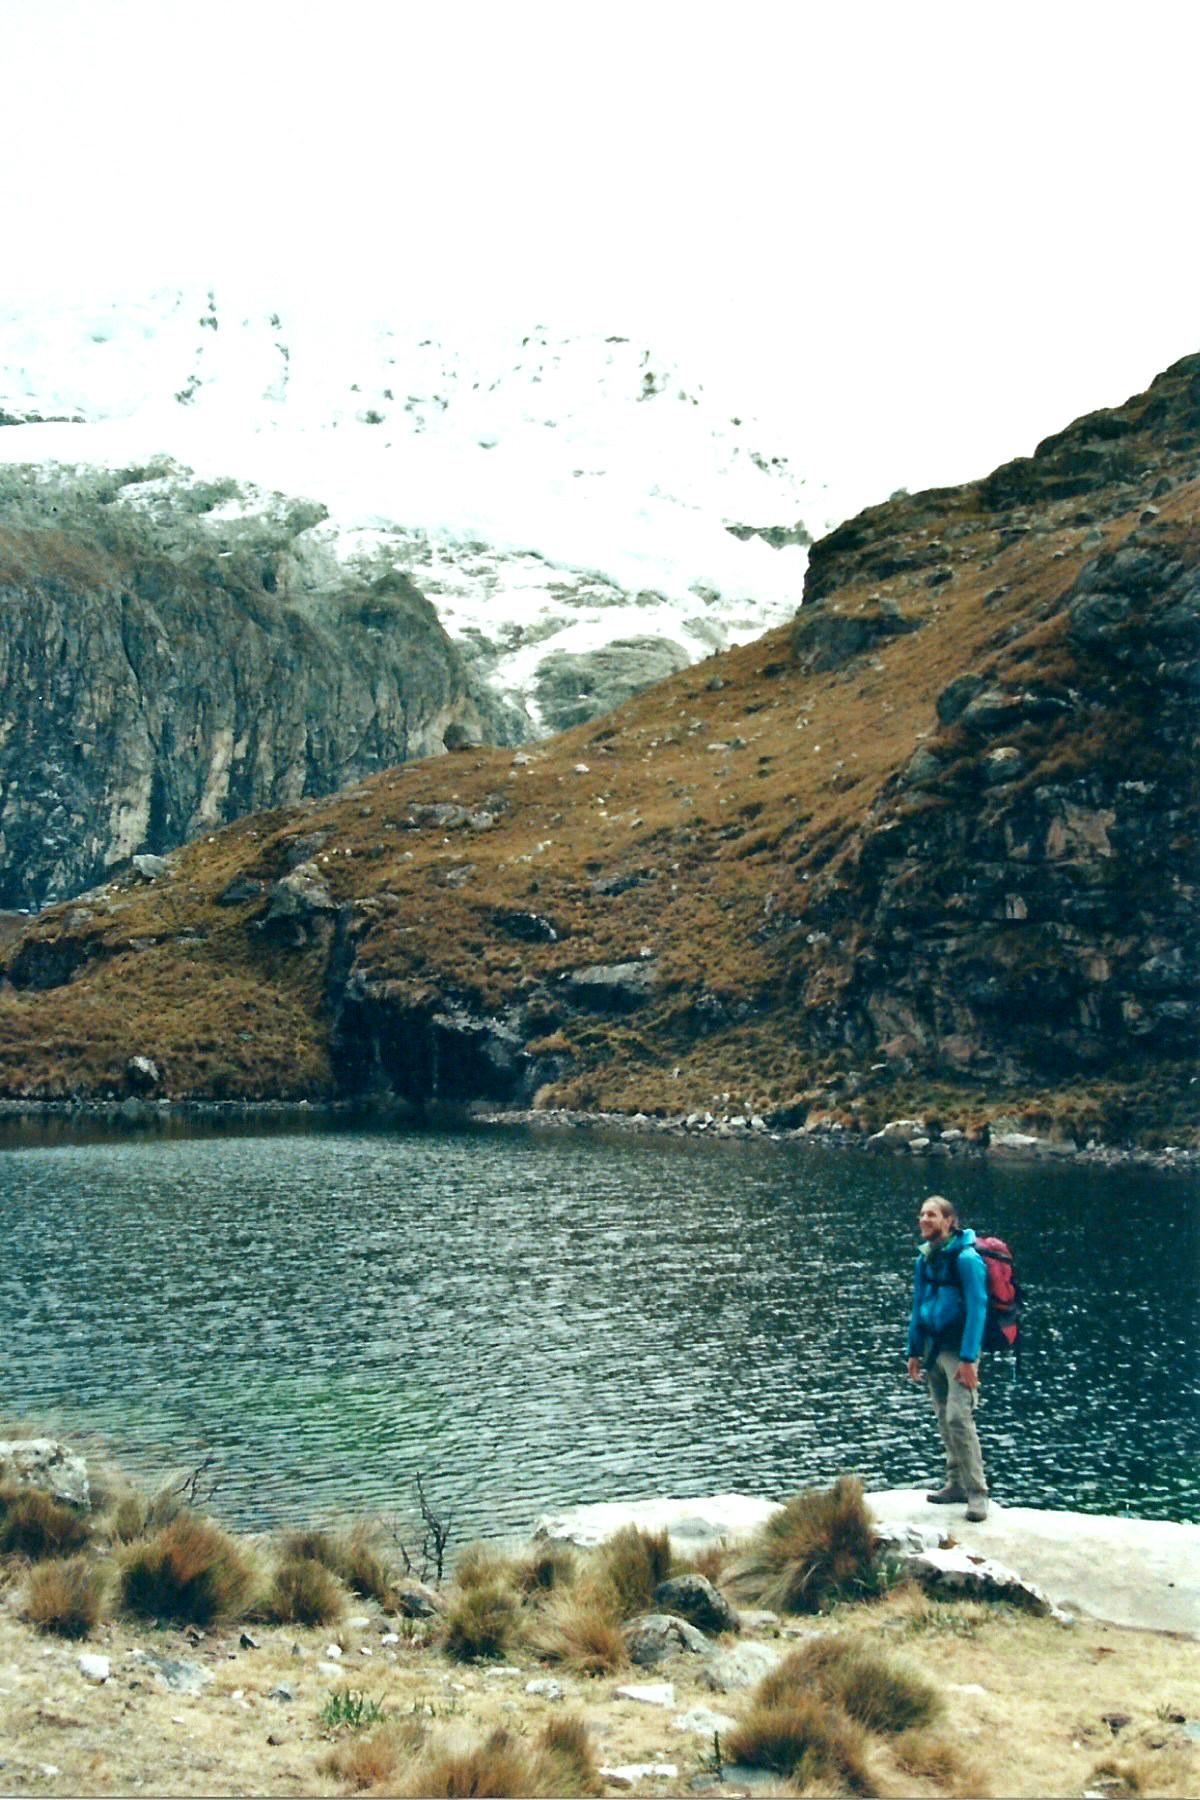 Auf der Wanderung kommen wir an Wasserfällen und kleinen Seen vorbei